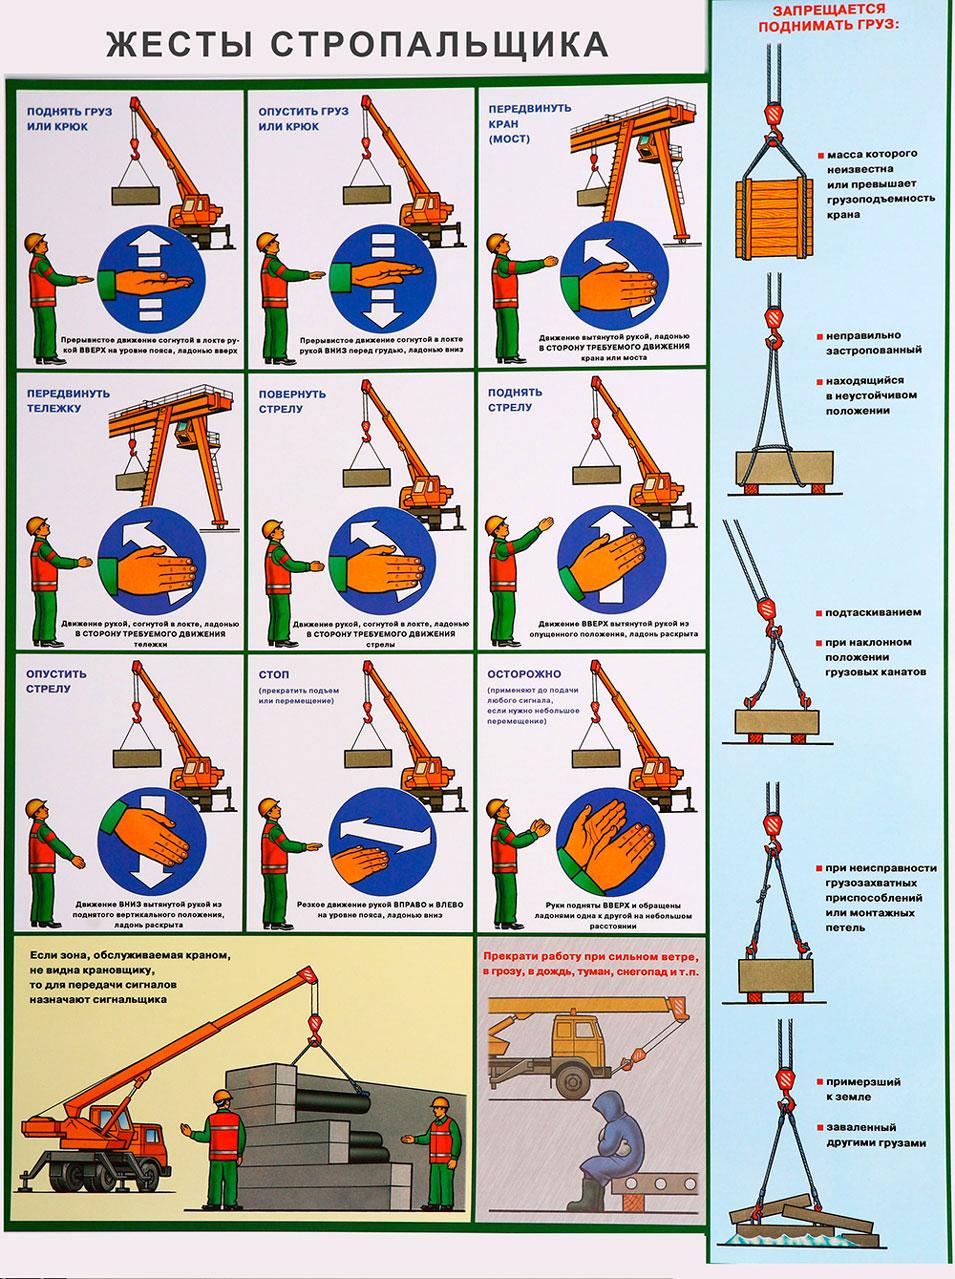 Инструкция стропальщика по охране труда